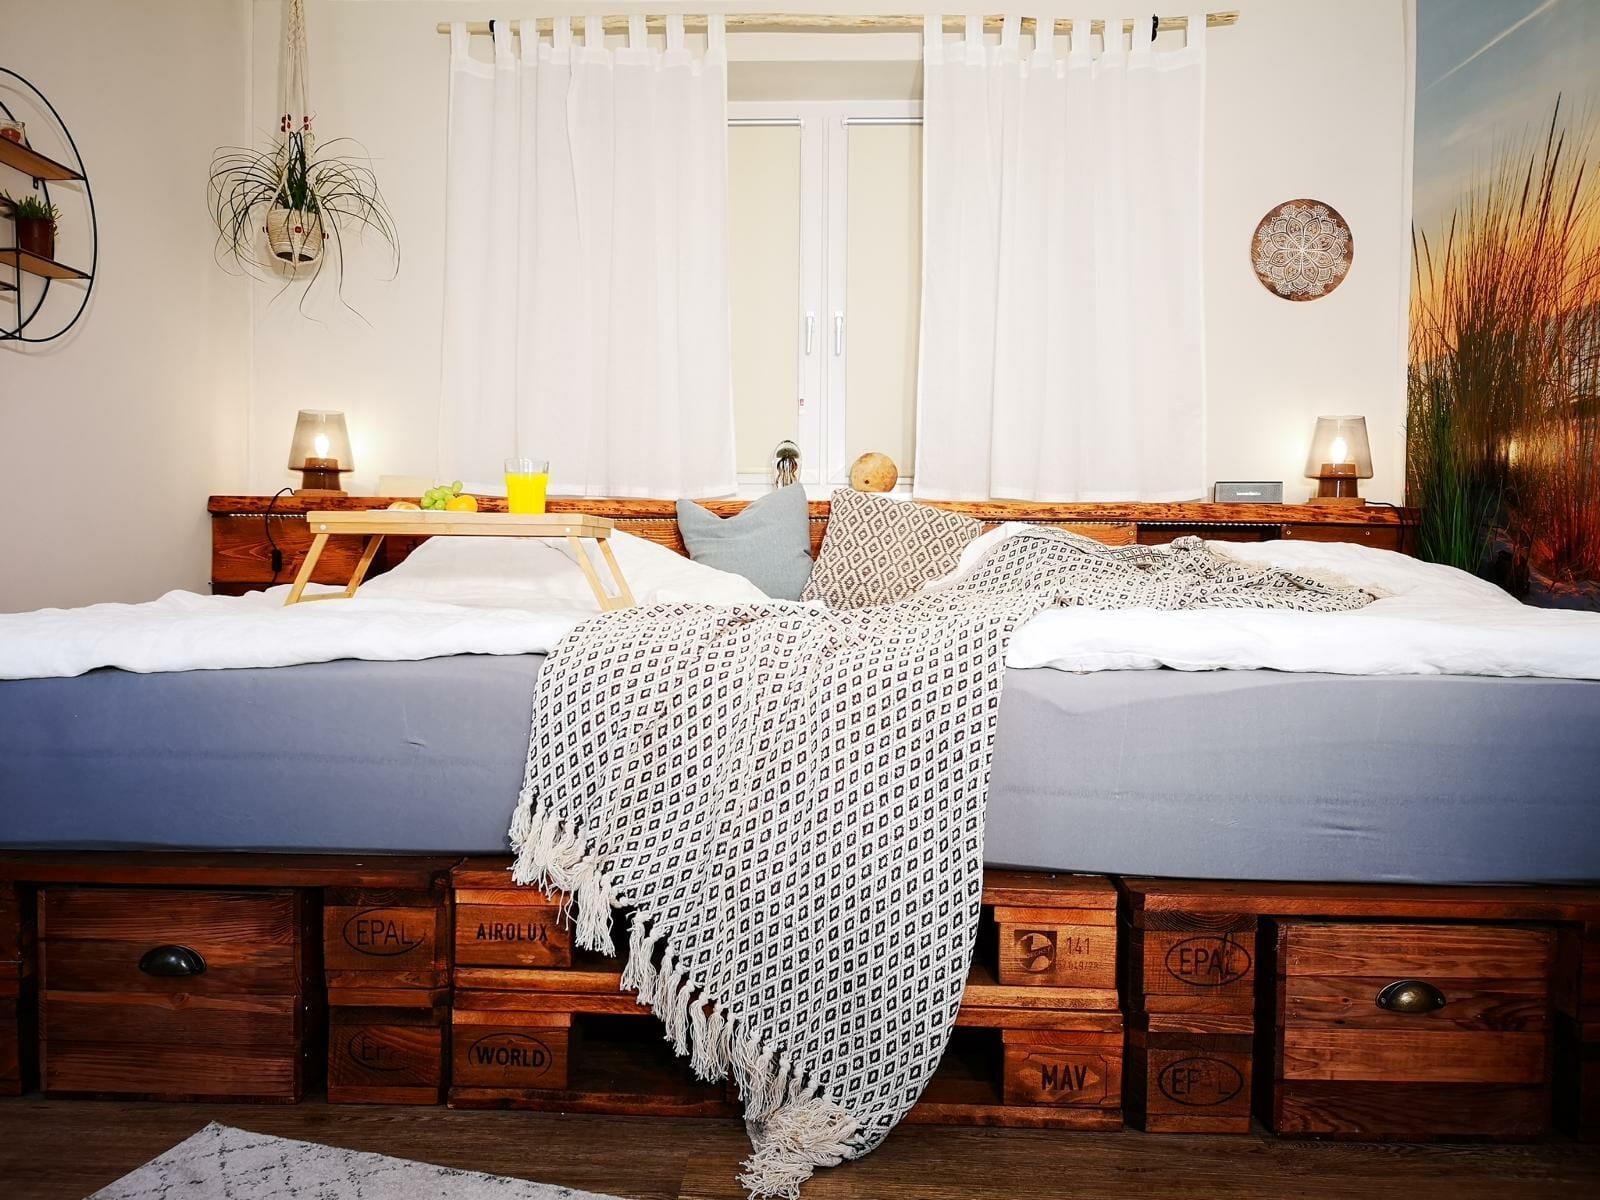 Full Size of Bett Aus Paletten Kaufen Europaletten Gebraucht 140x200 Mit Lattenrost Chesterfield Wildeiche Gebrauchte Betten Luxus Küche Ausstellungsstück Moebel De Bett Bett Aus Paletten Kaufen